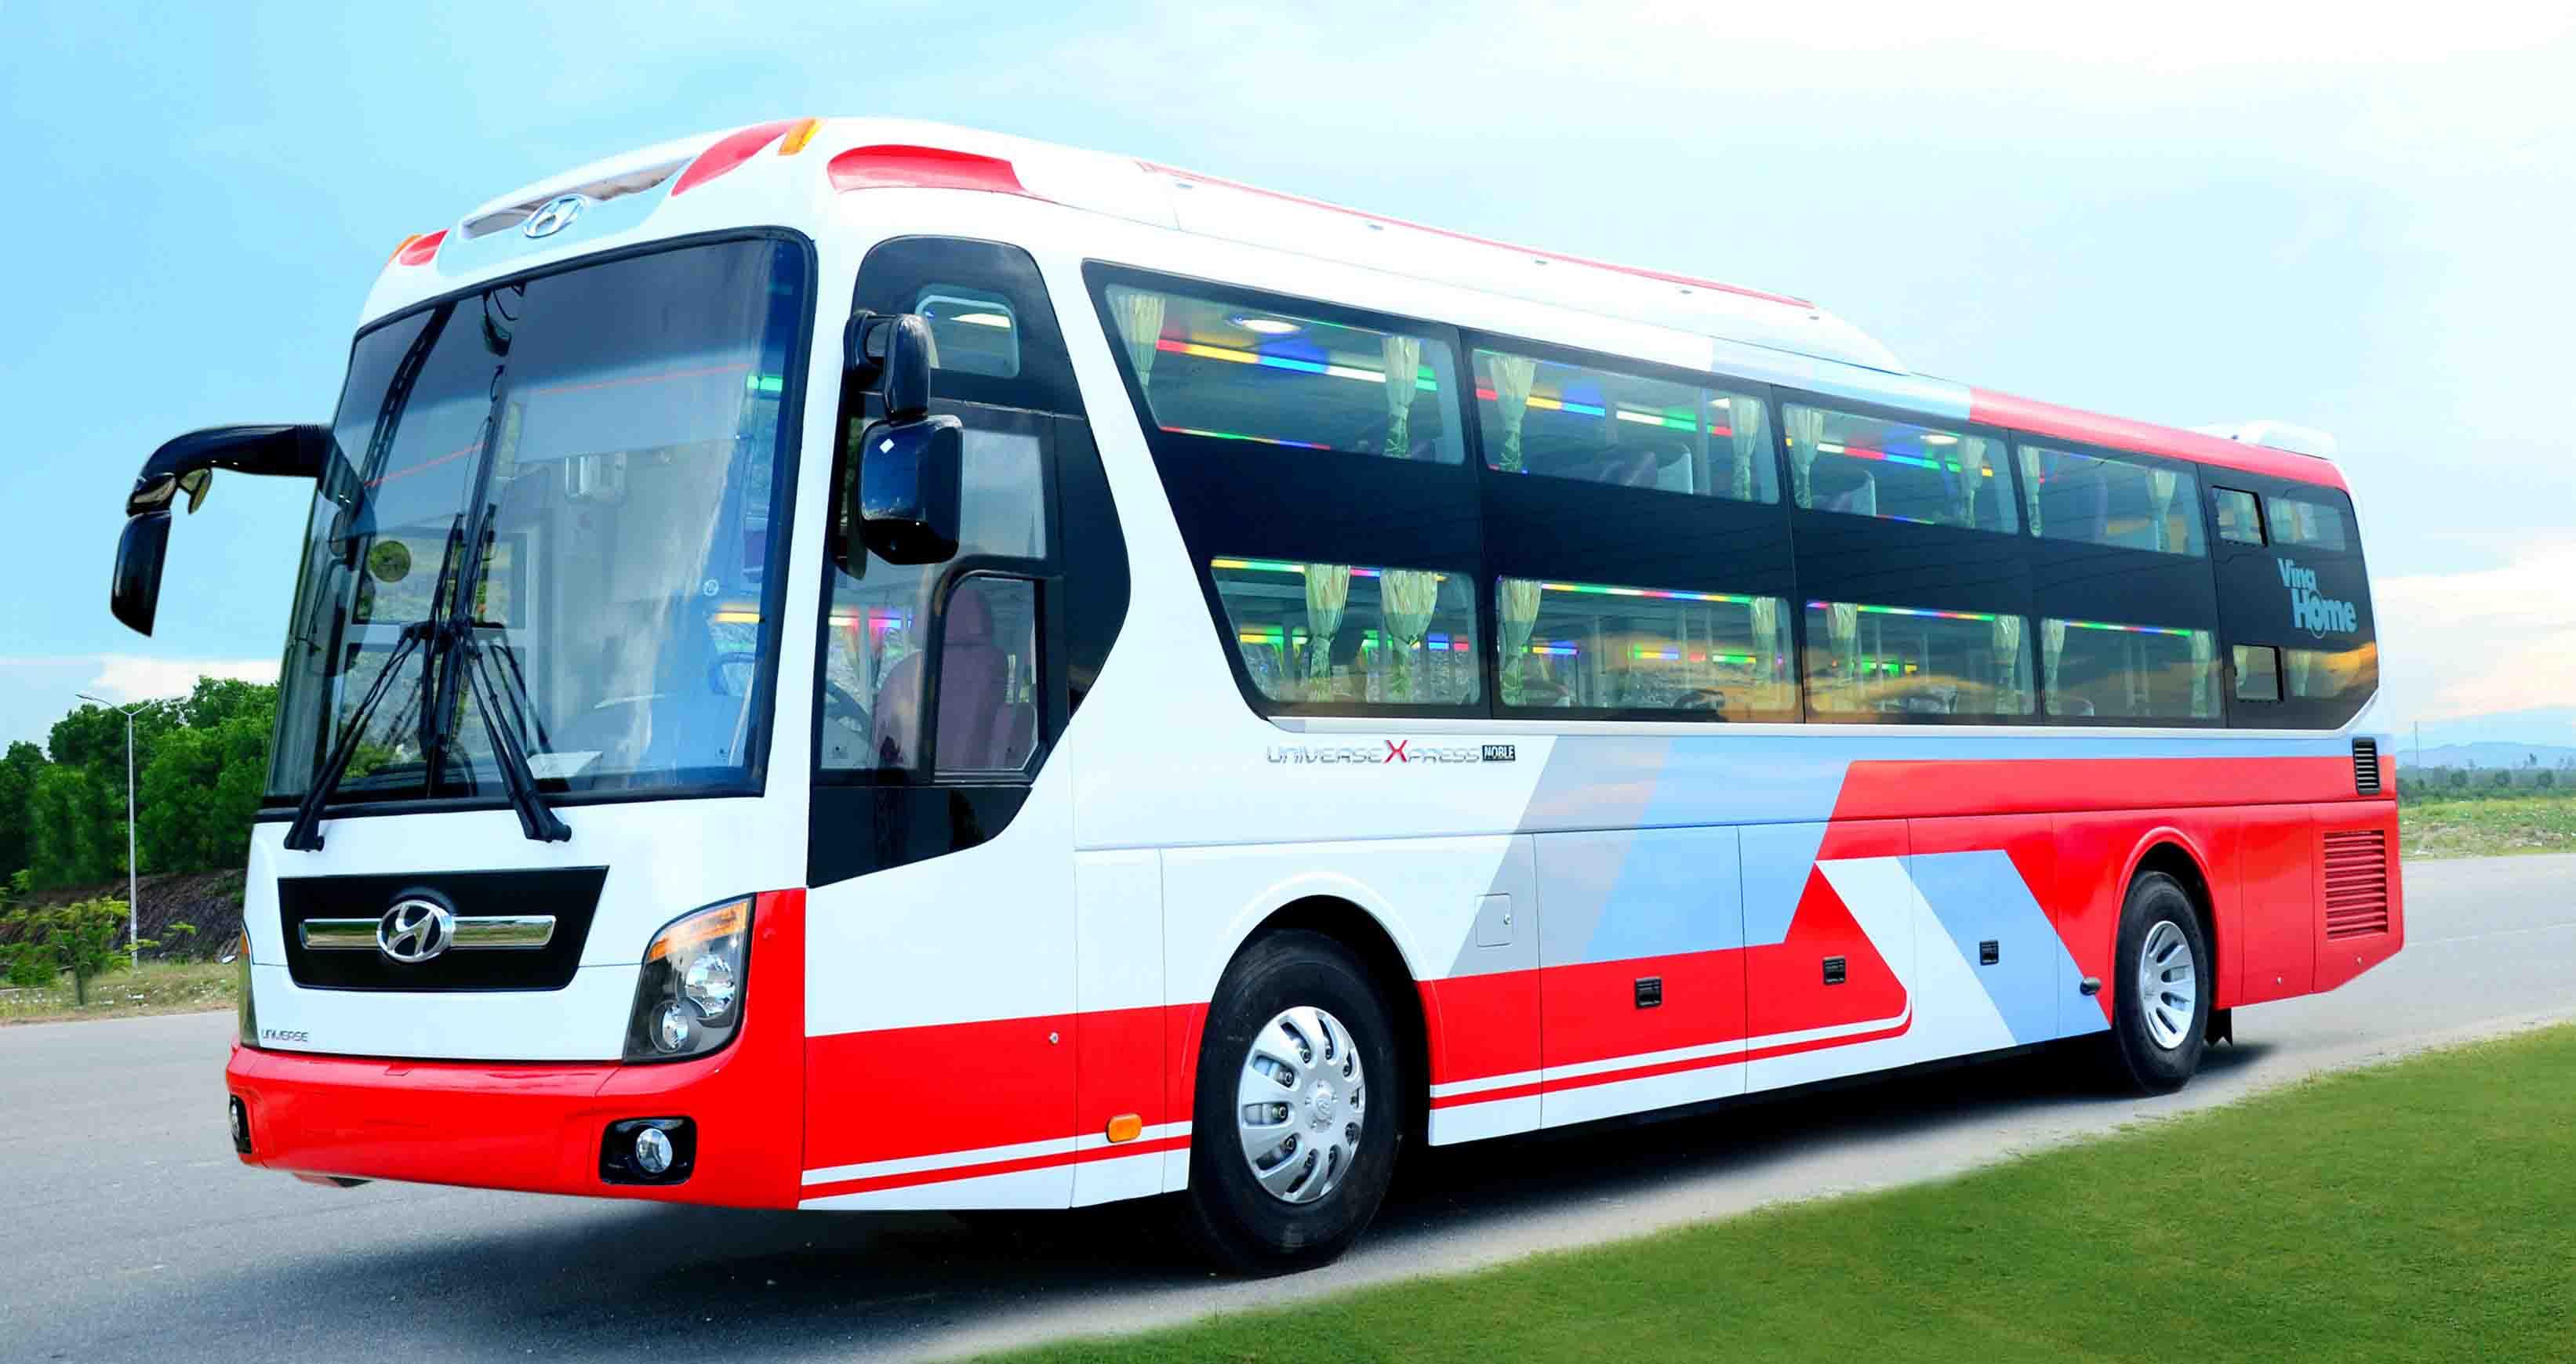 Xe open bus chất lượng cao Huế - Đồng Hới